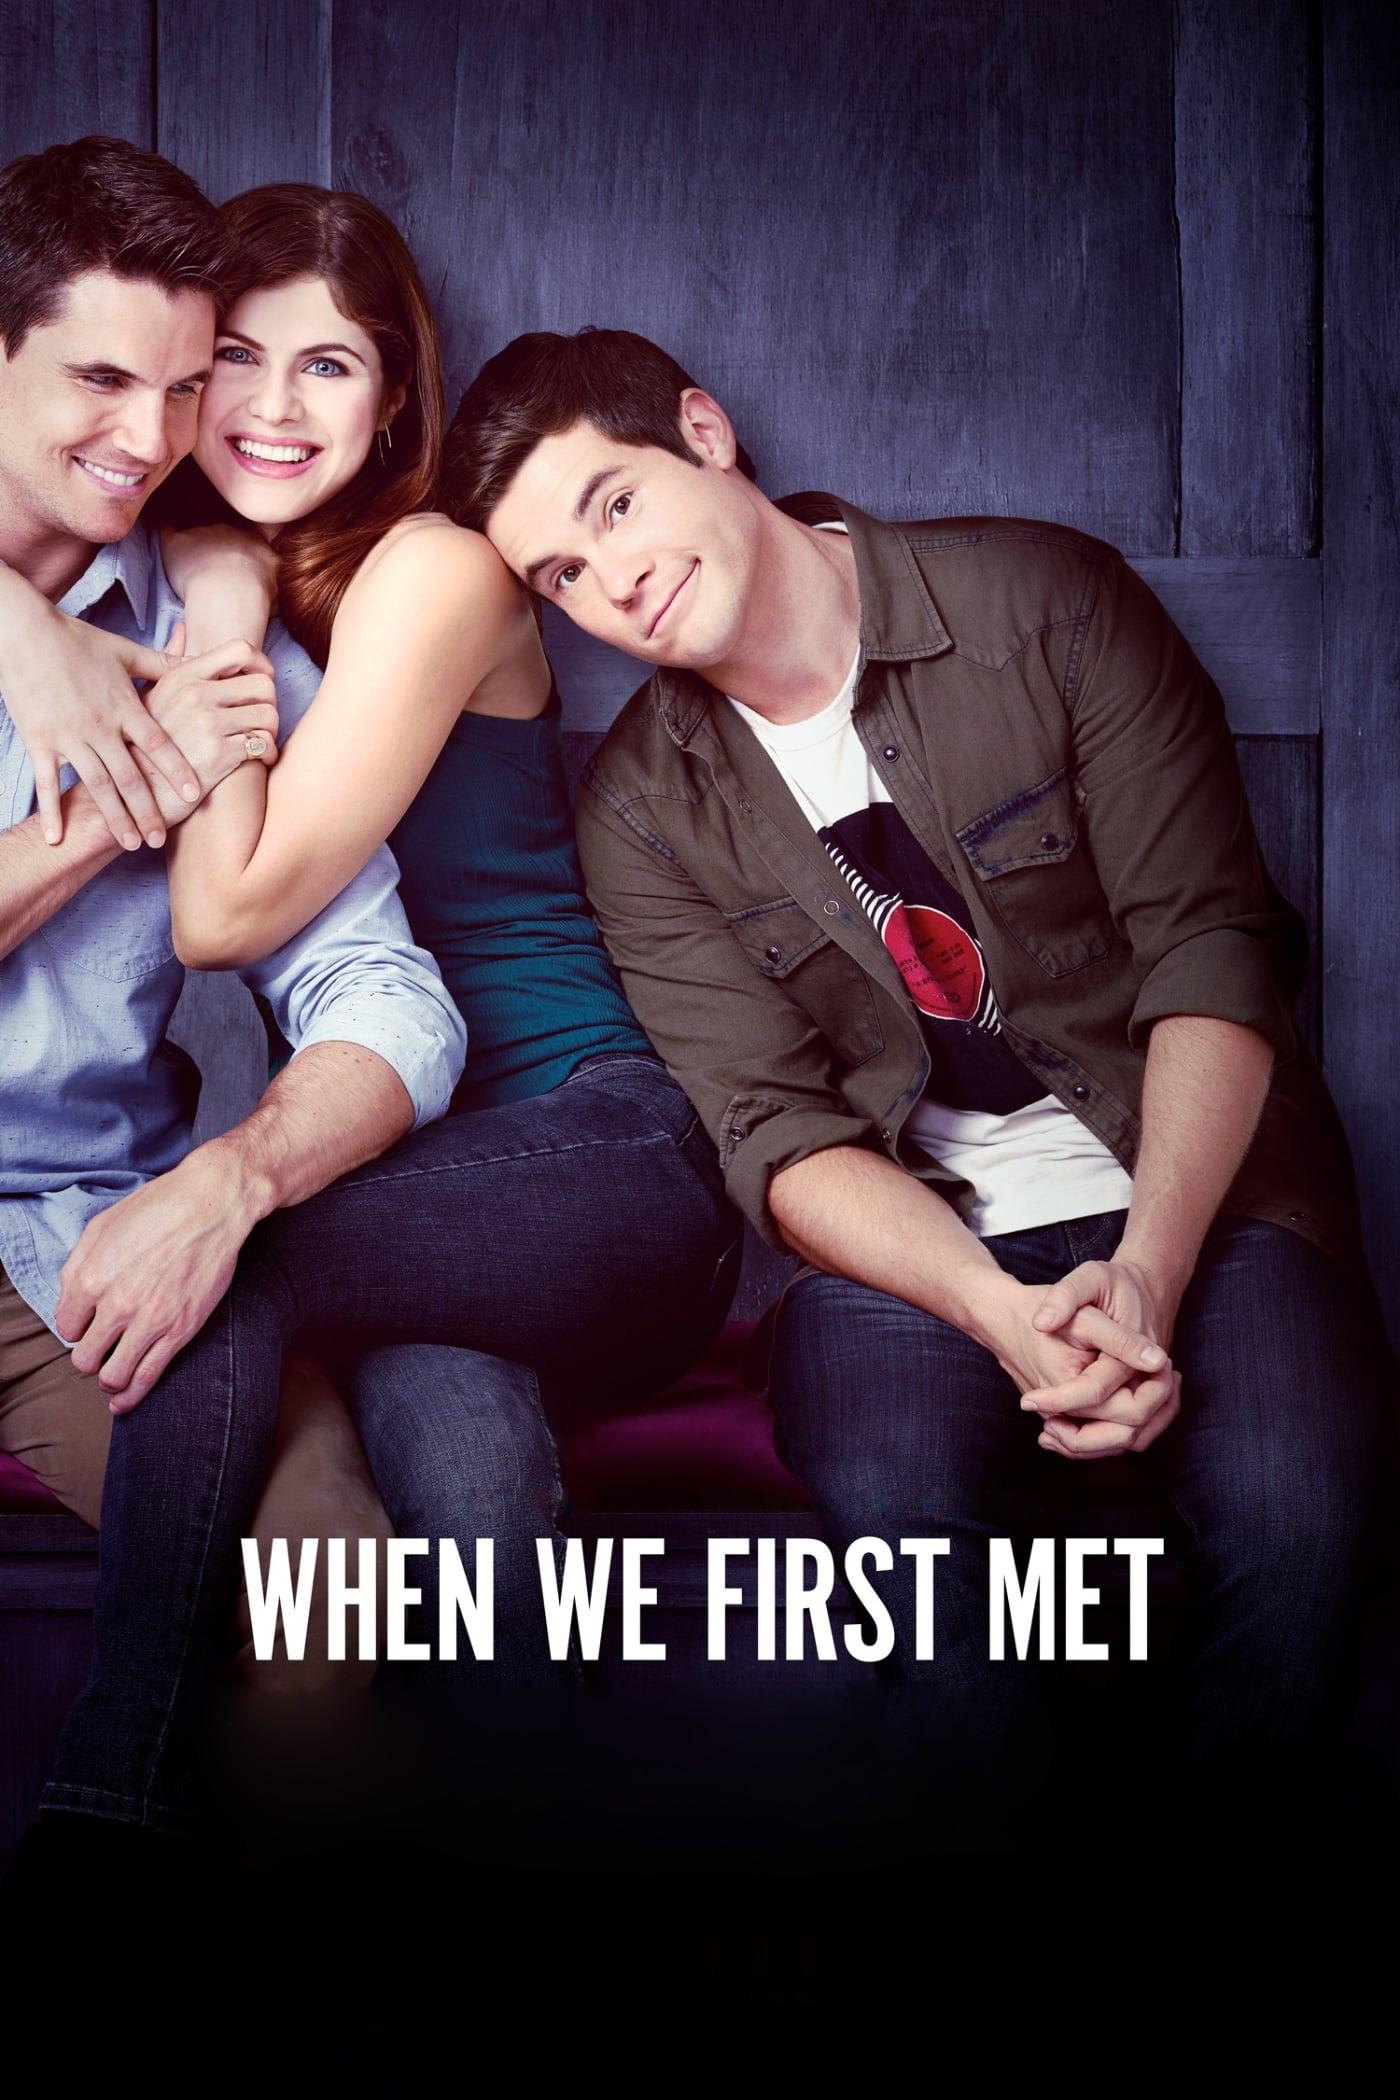 როცა პირველად შევხვდით / When We First Met